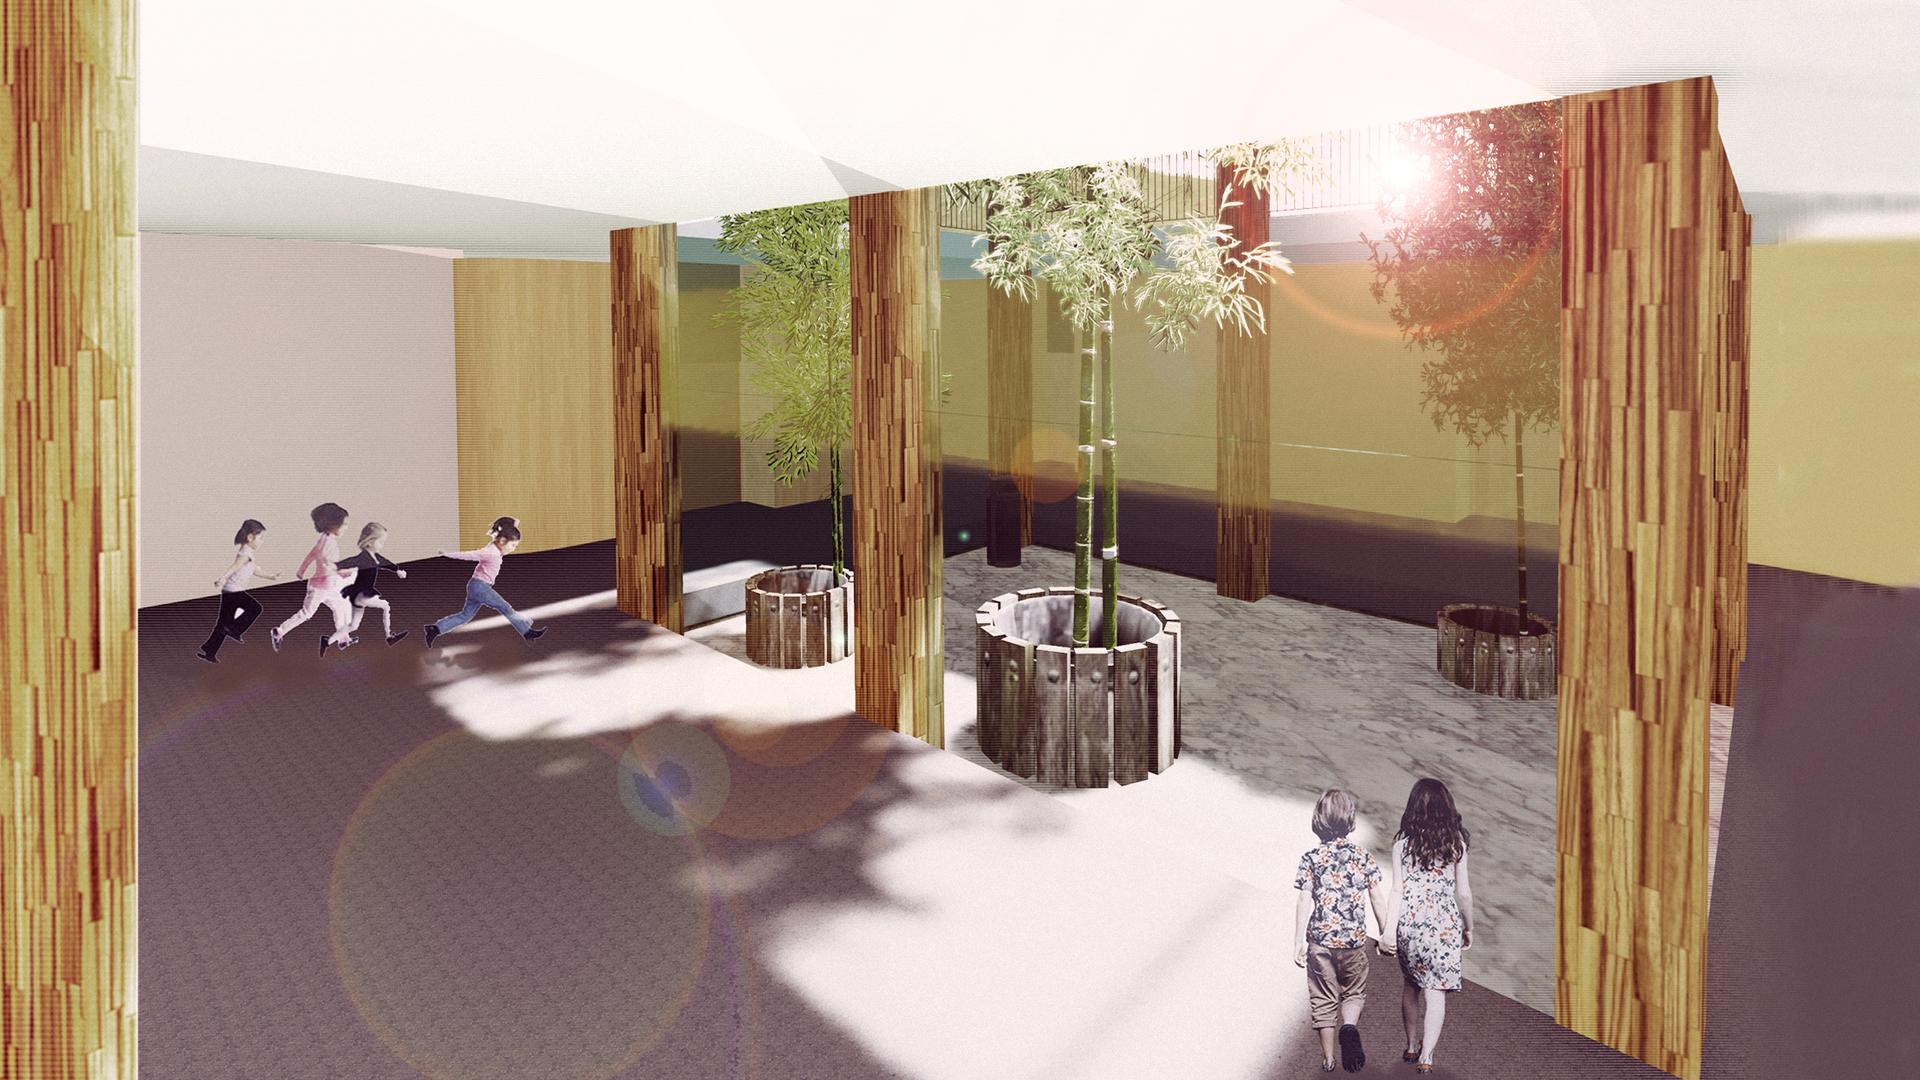 Progettazione definitiva di una nuova Scuola Primaria - LECCE Italy